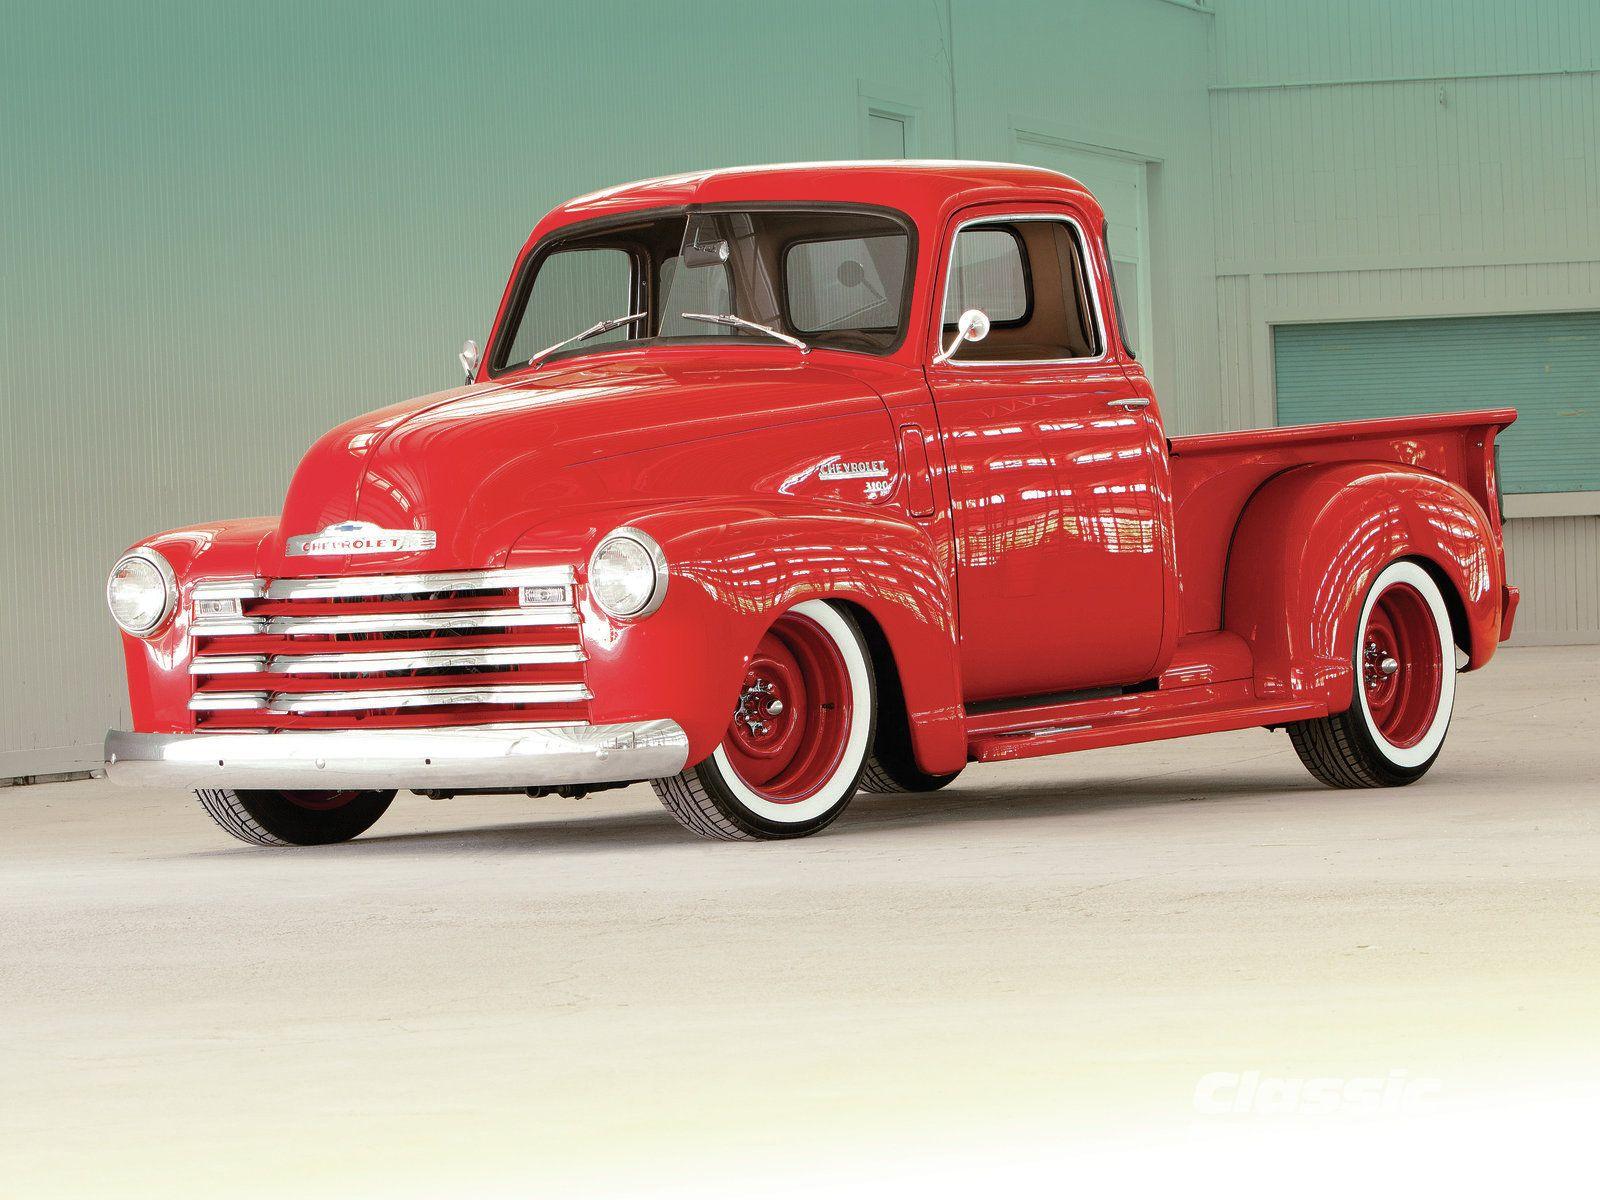 1948 Chevrolet Truck Front Photo 1 Chevrolet Trucks Chevy Trucks Classic Trucks